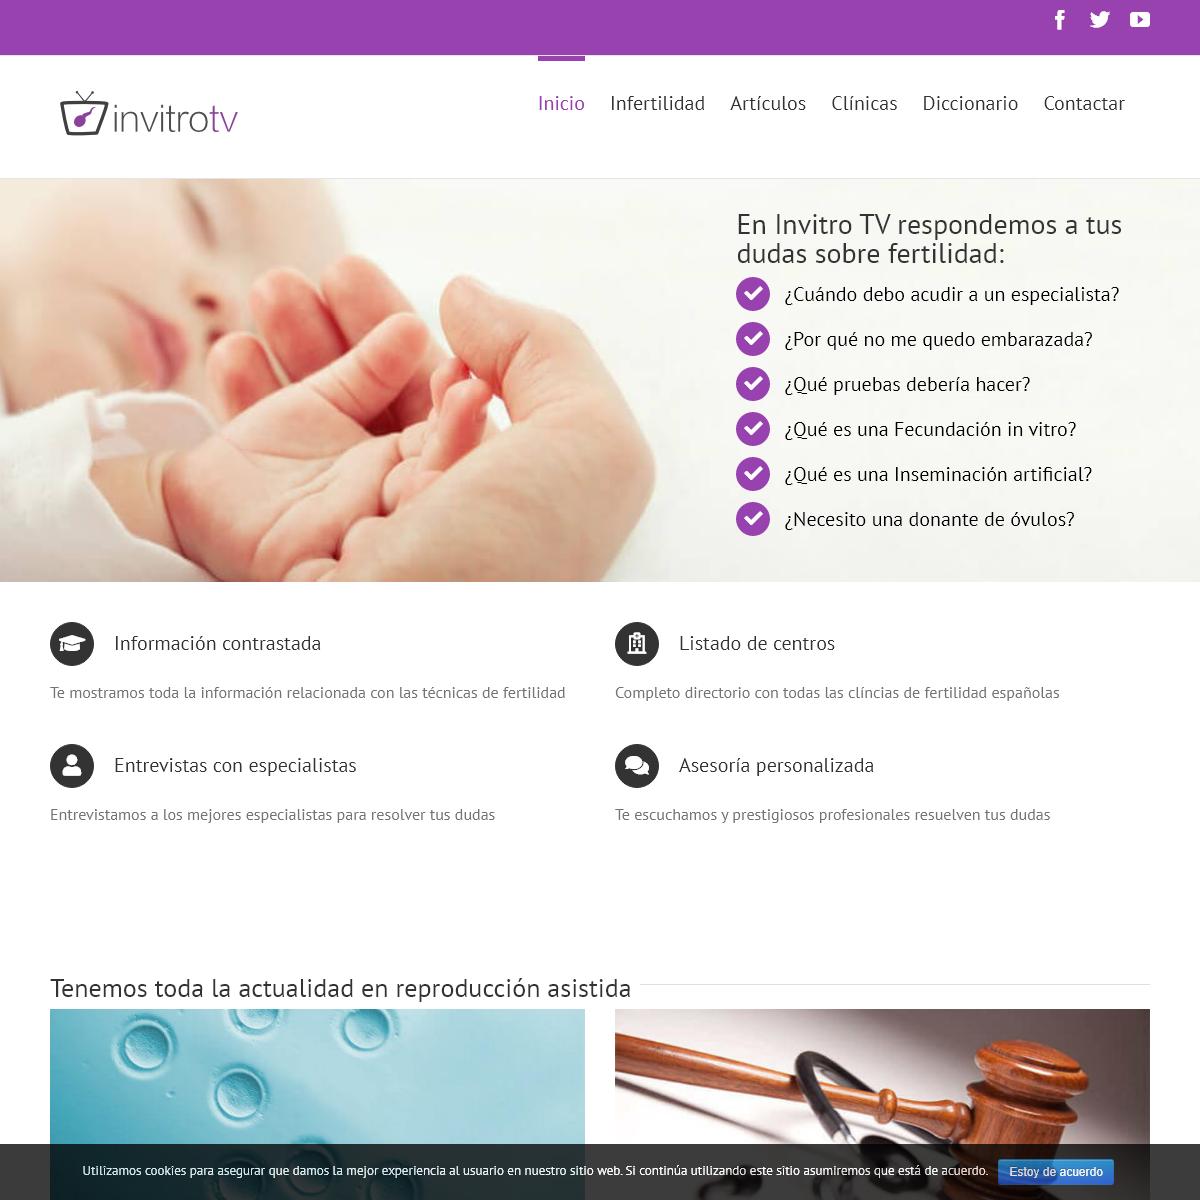 InvitroTV - Mejor asesoramiento sobre Fecundación In Vitro